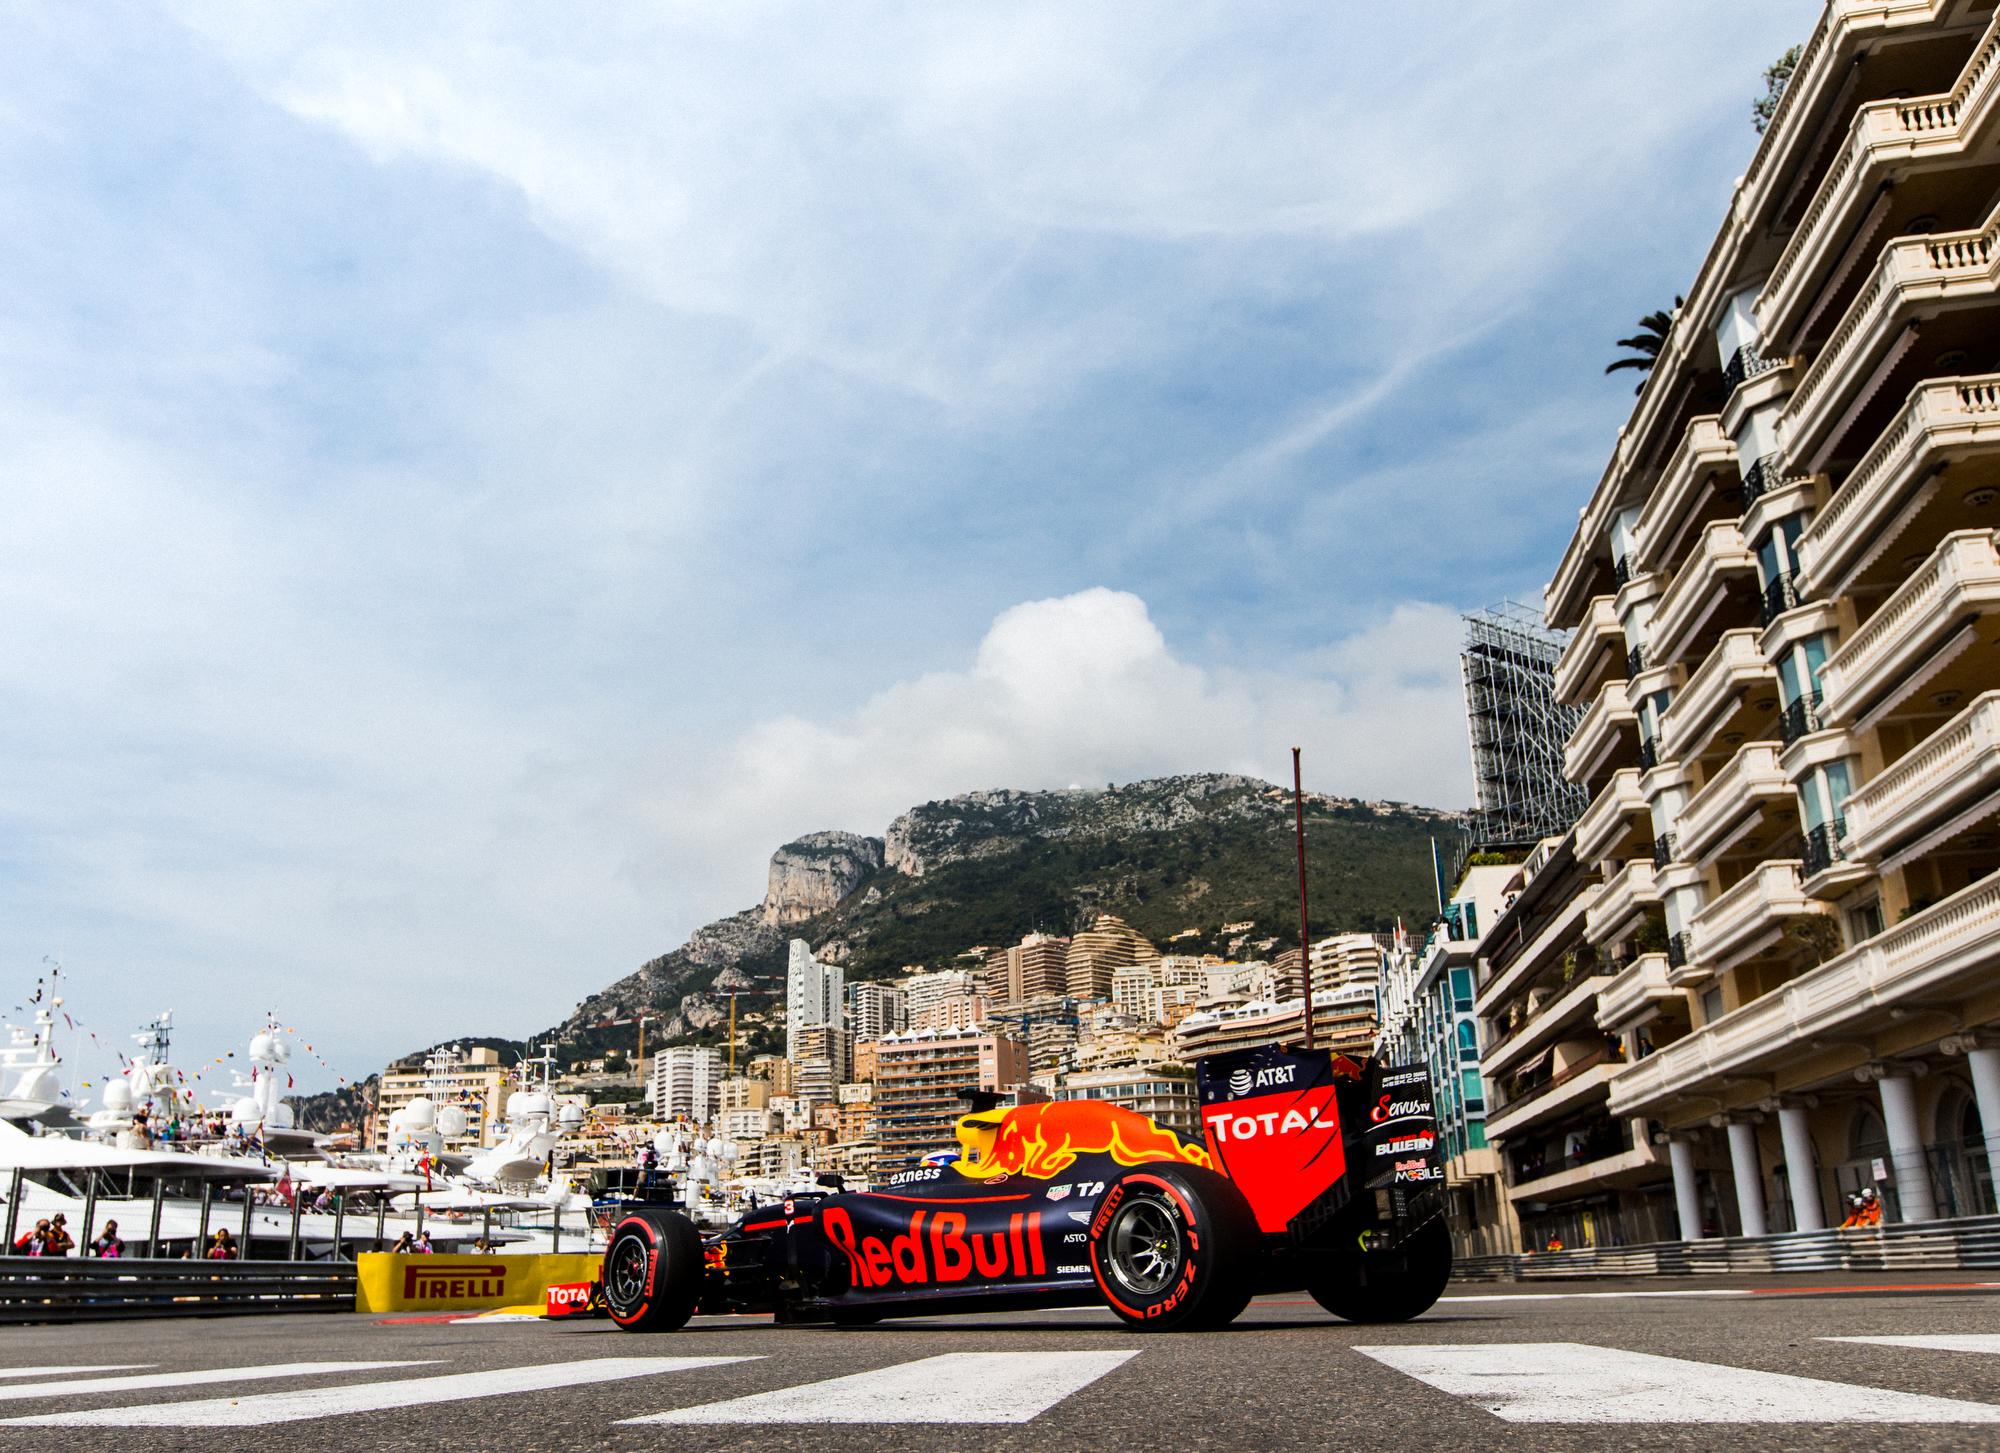 Daniel Ricciardo, Red Bull. 2016 FIA Formula 1 Championship, Monte Carlo, Monaco.